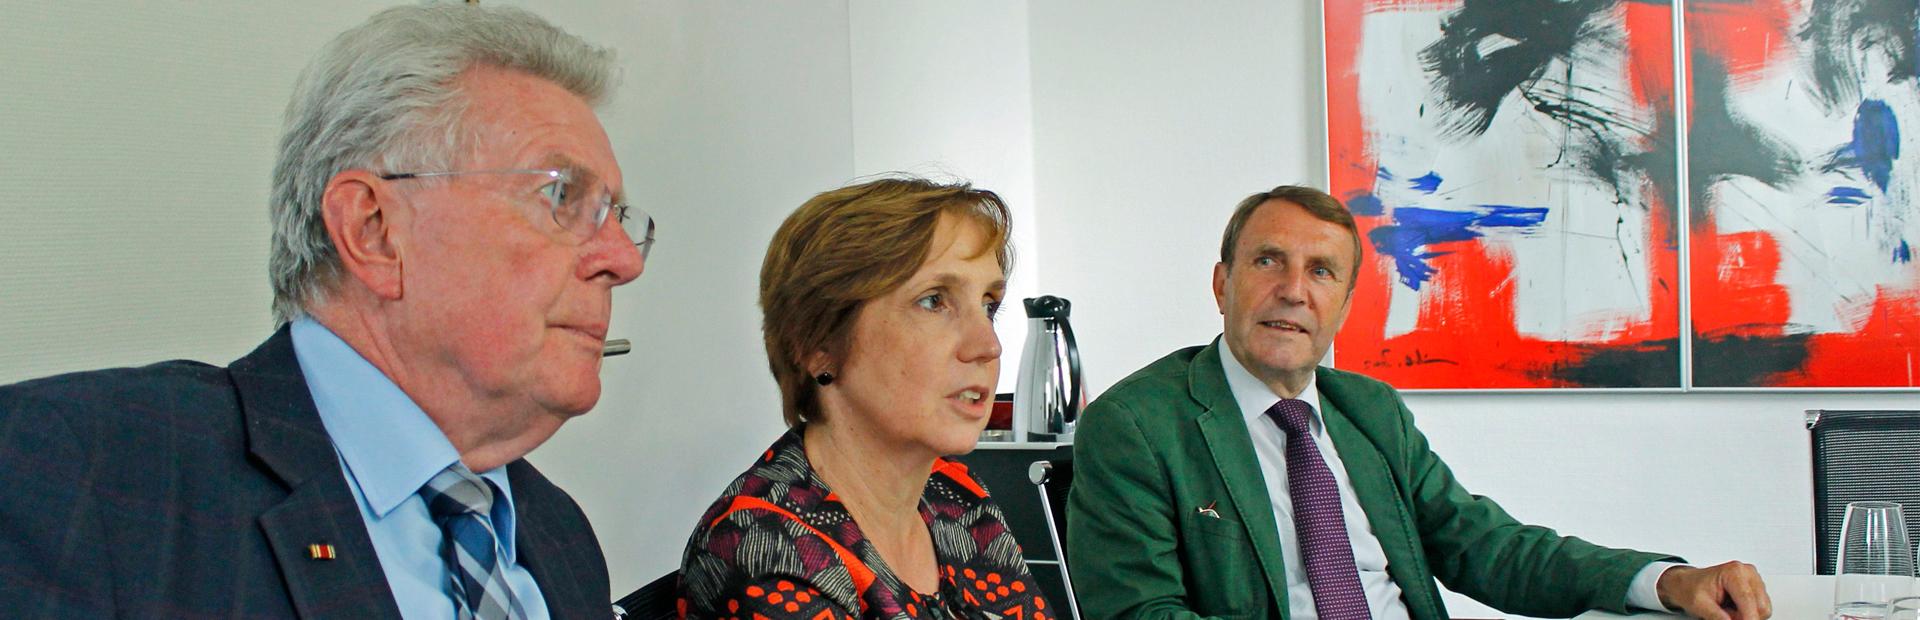 Die SPD-Mitglieder der Heimat-Enquete am Pressekonferenztisch